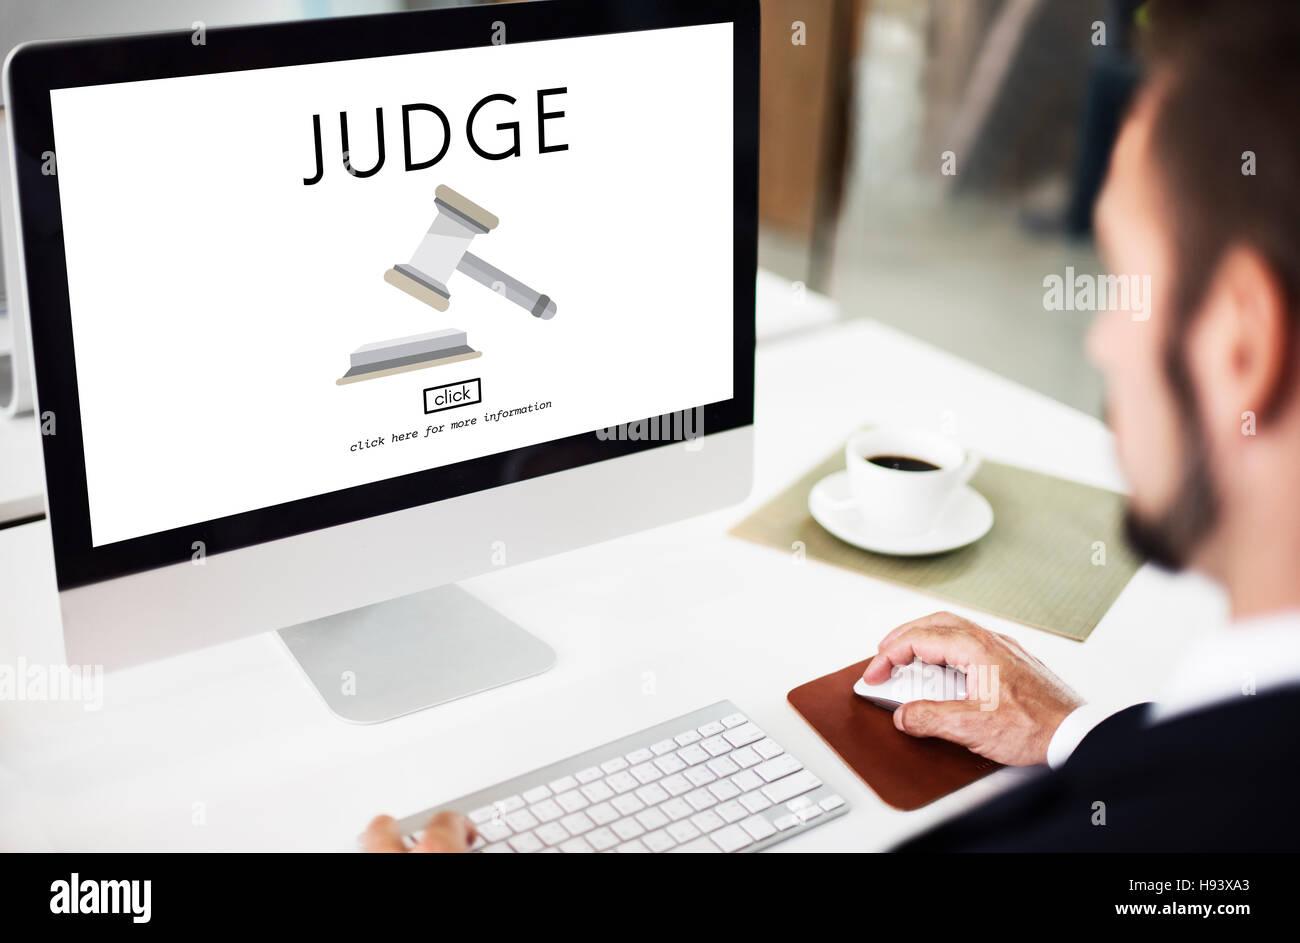 juristic person